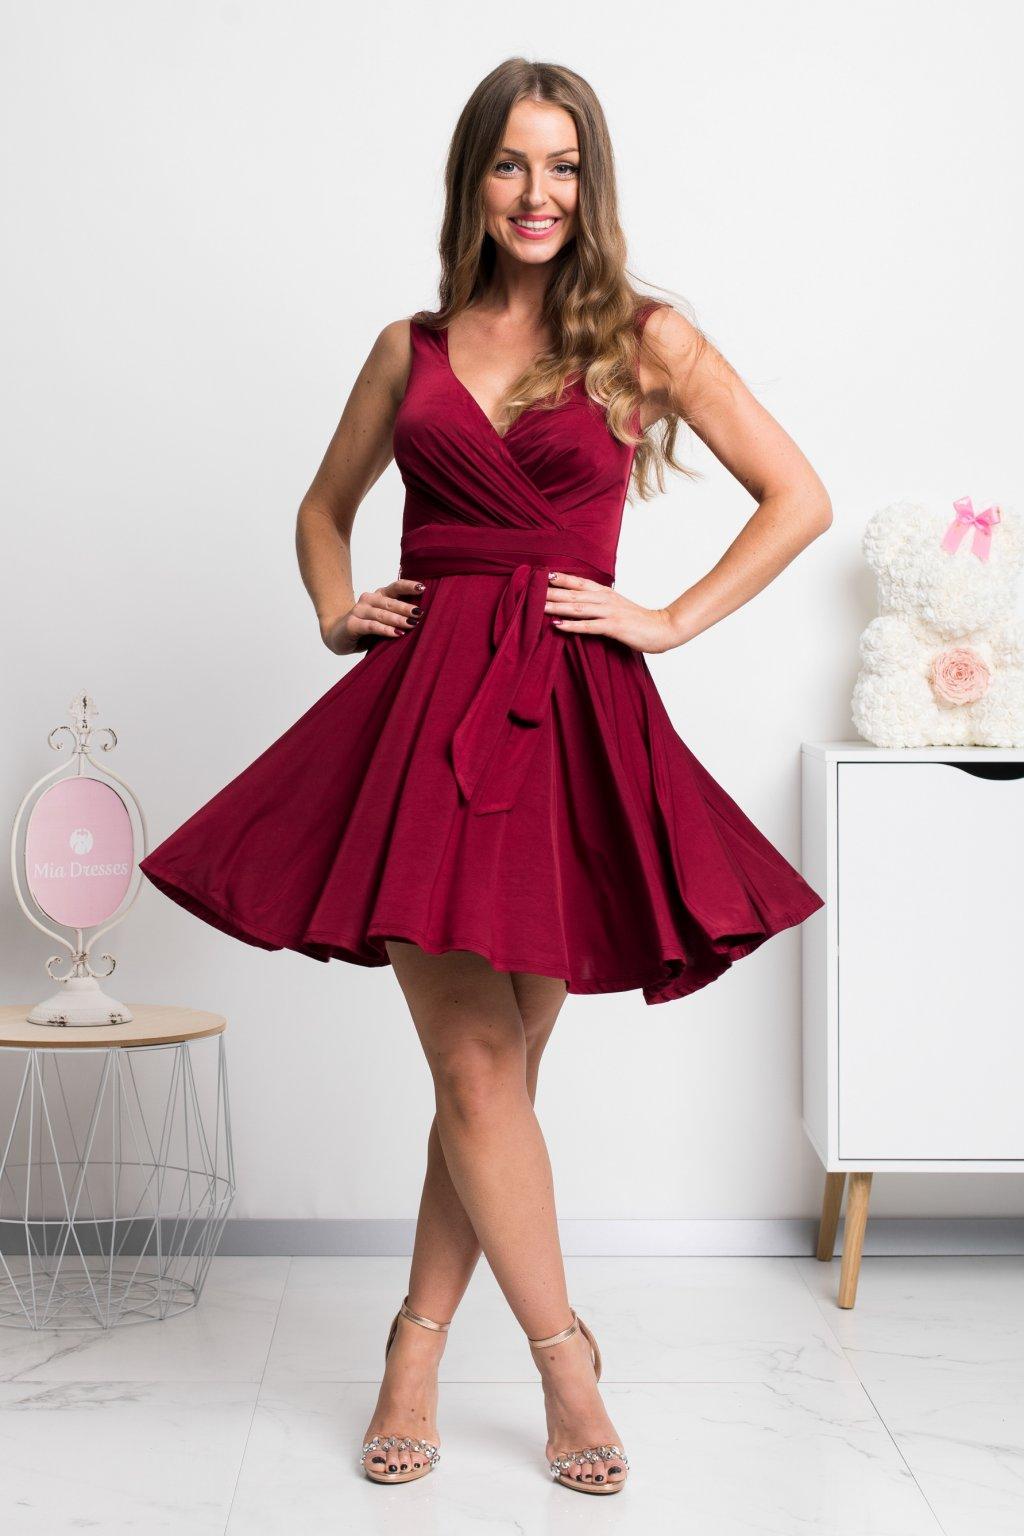 Bordové krátke šaty s áčkovou sukňou